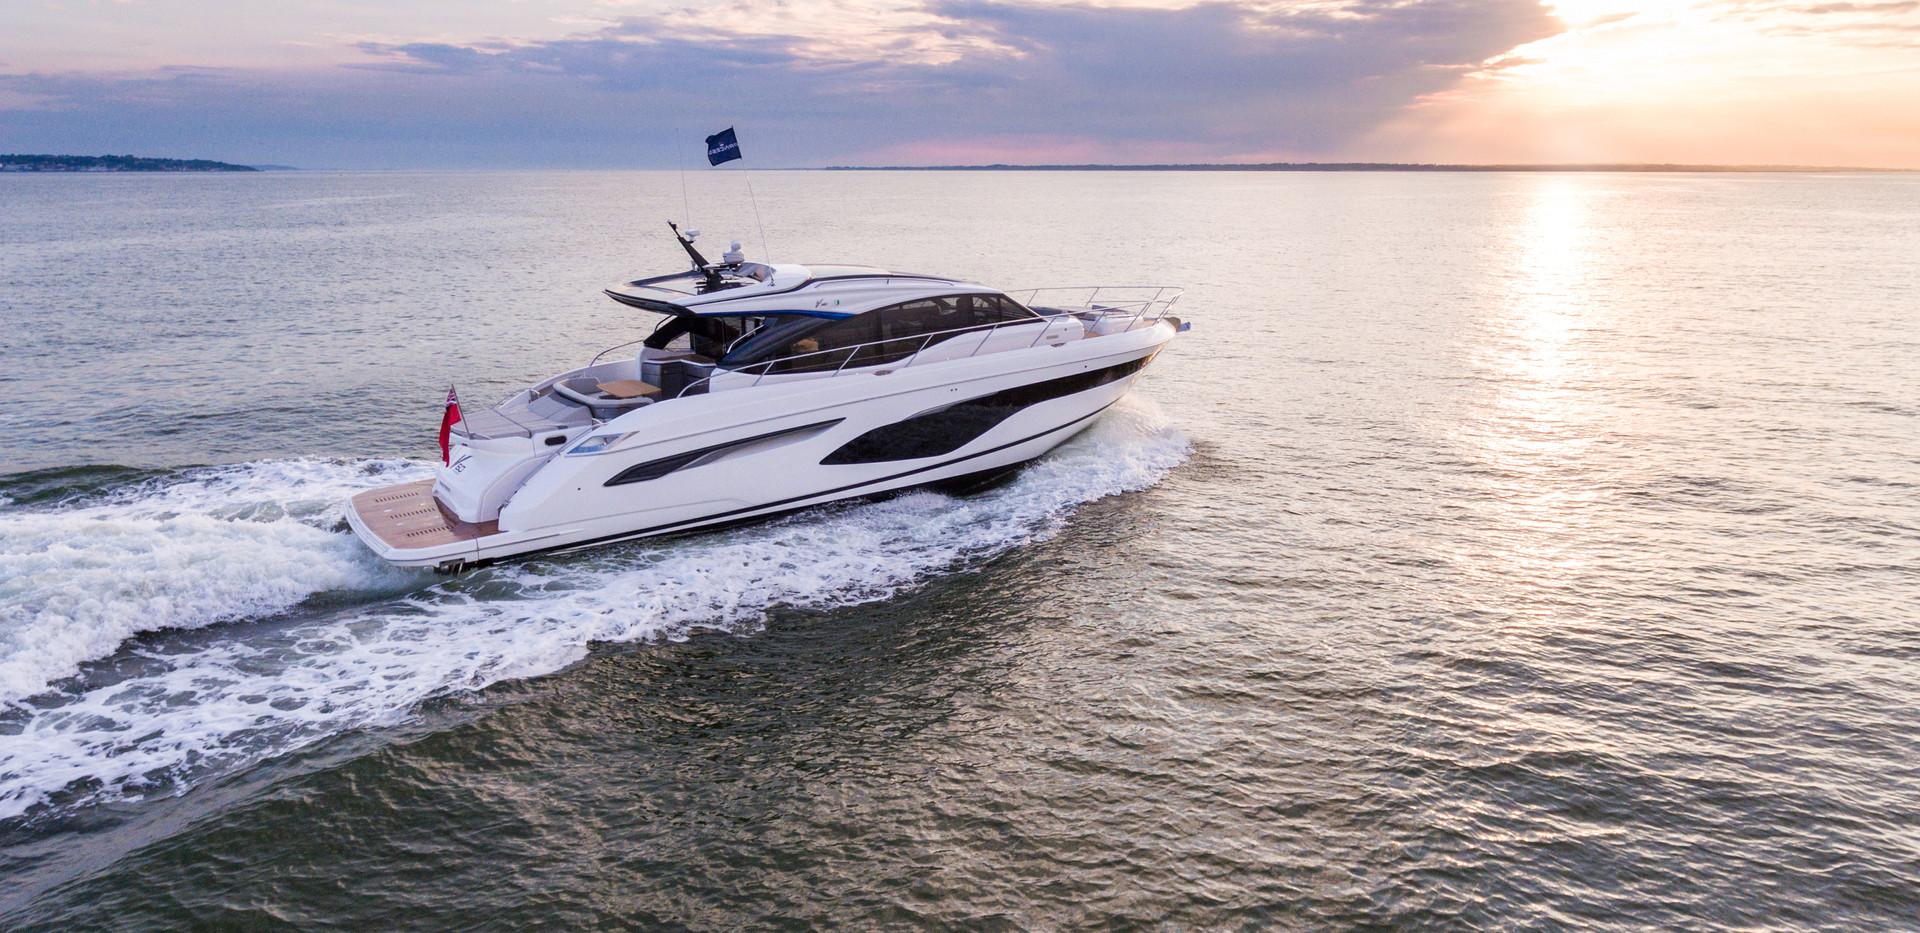 v60-exterior-white-hull-6.jpg